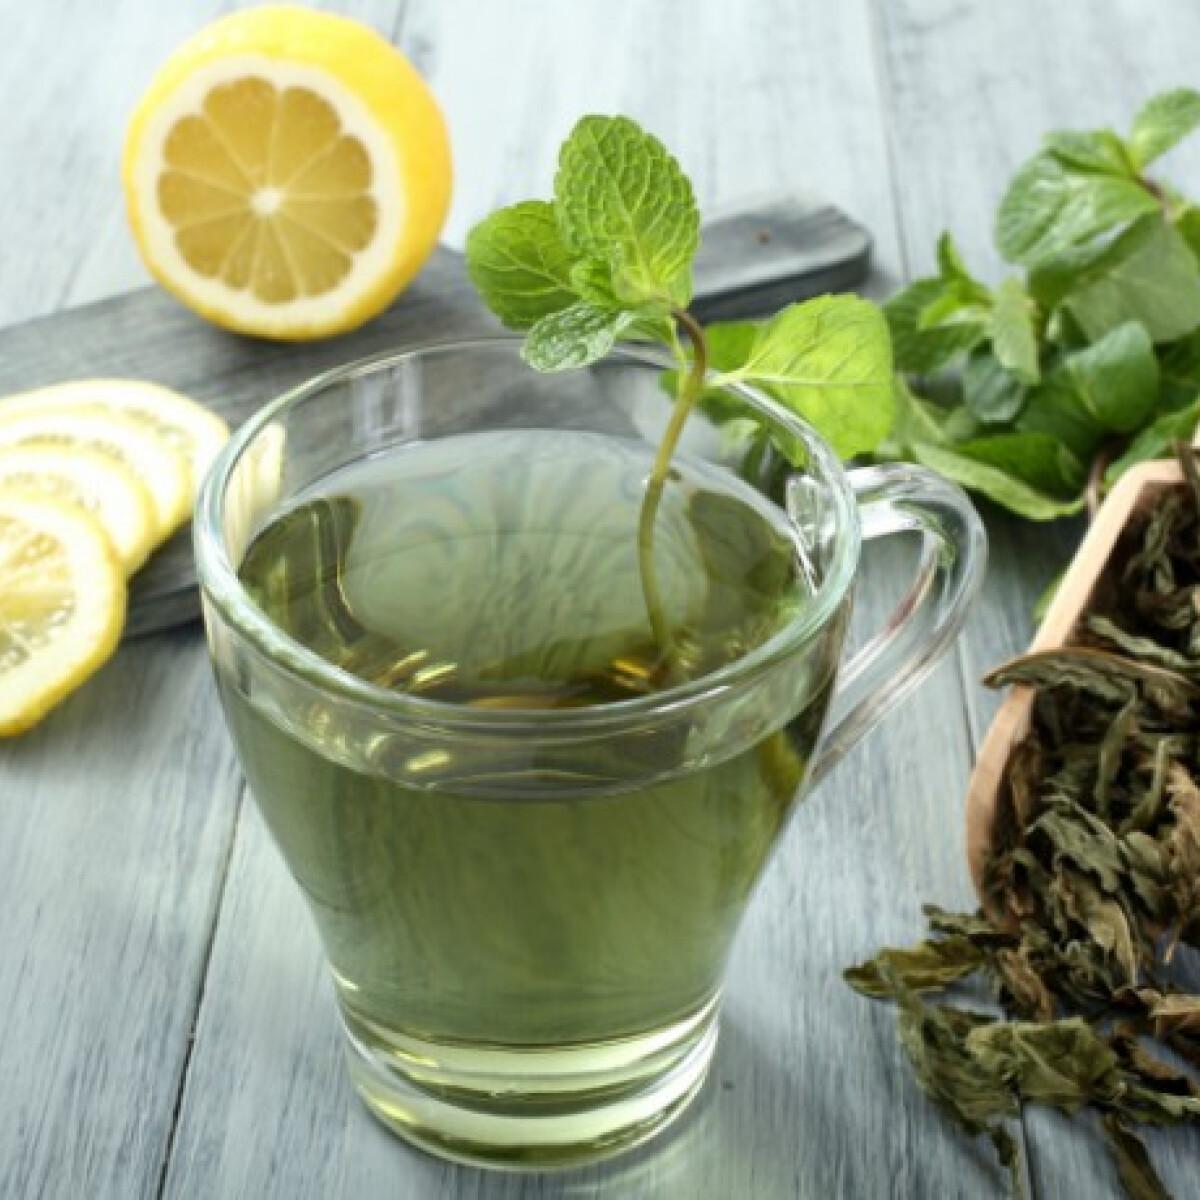 hogyan segíthet a tea a fogyásban